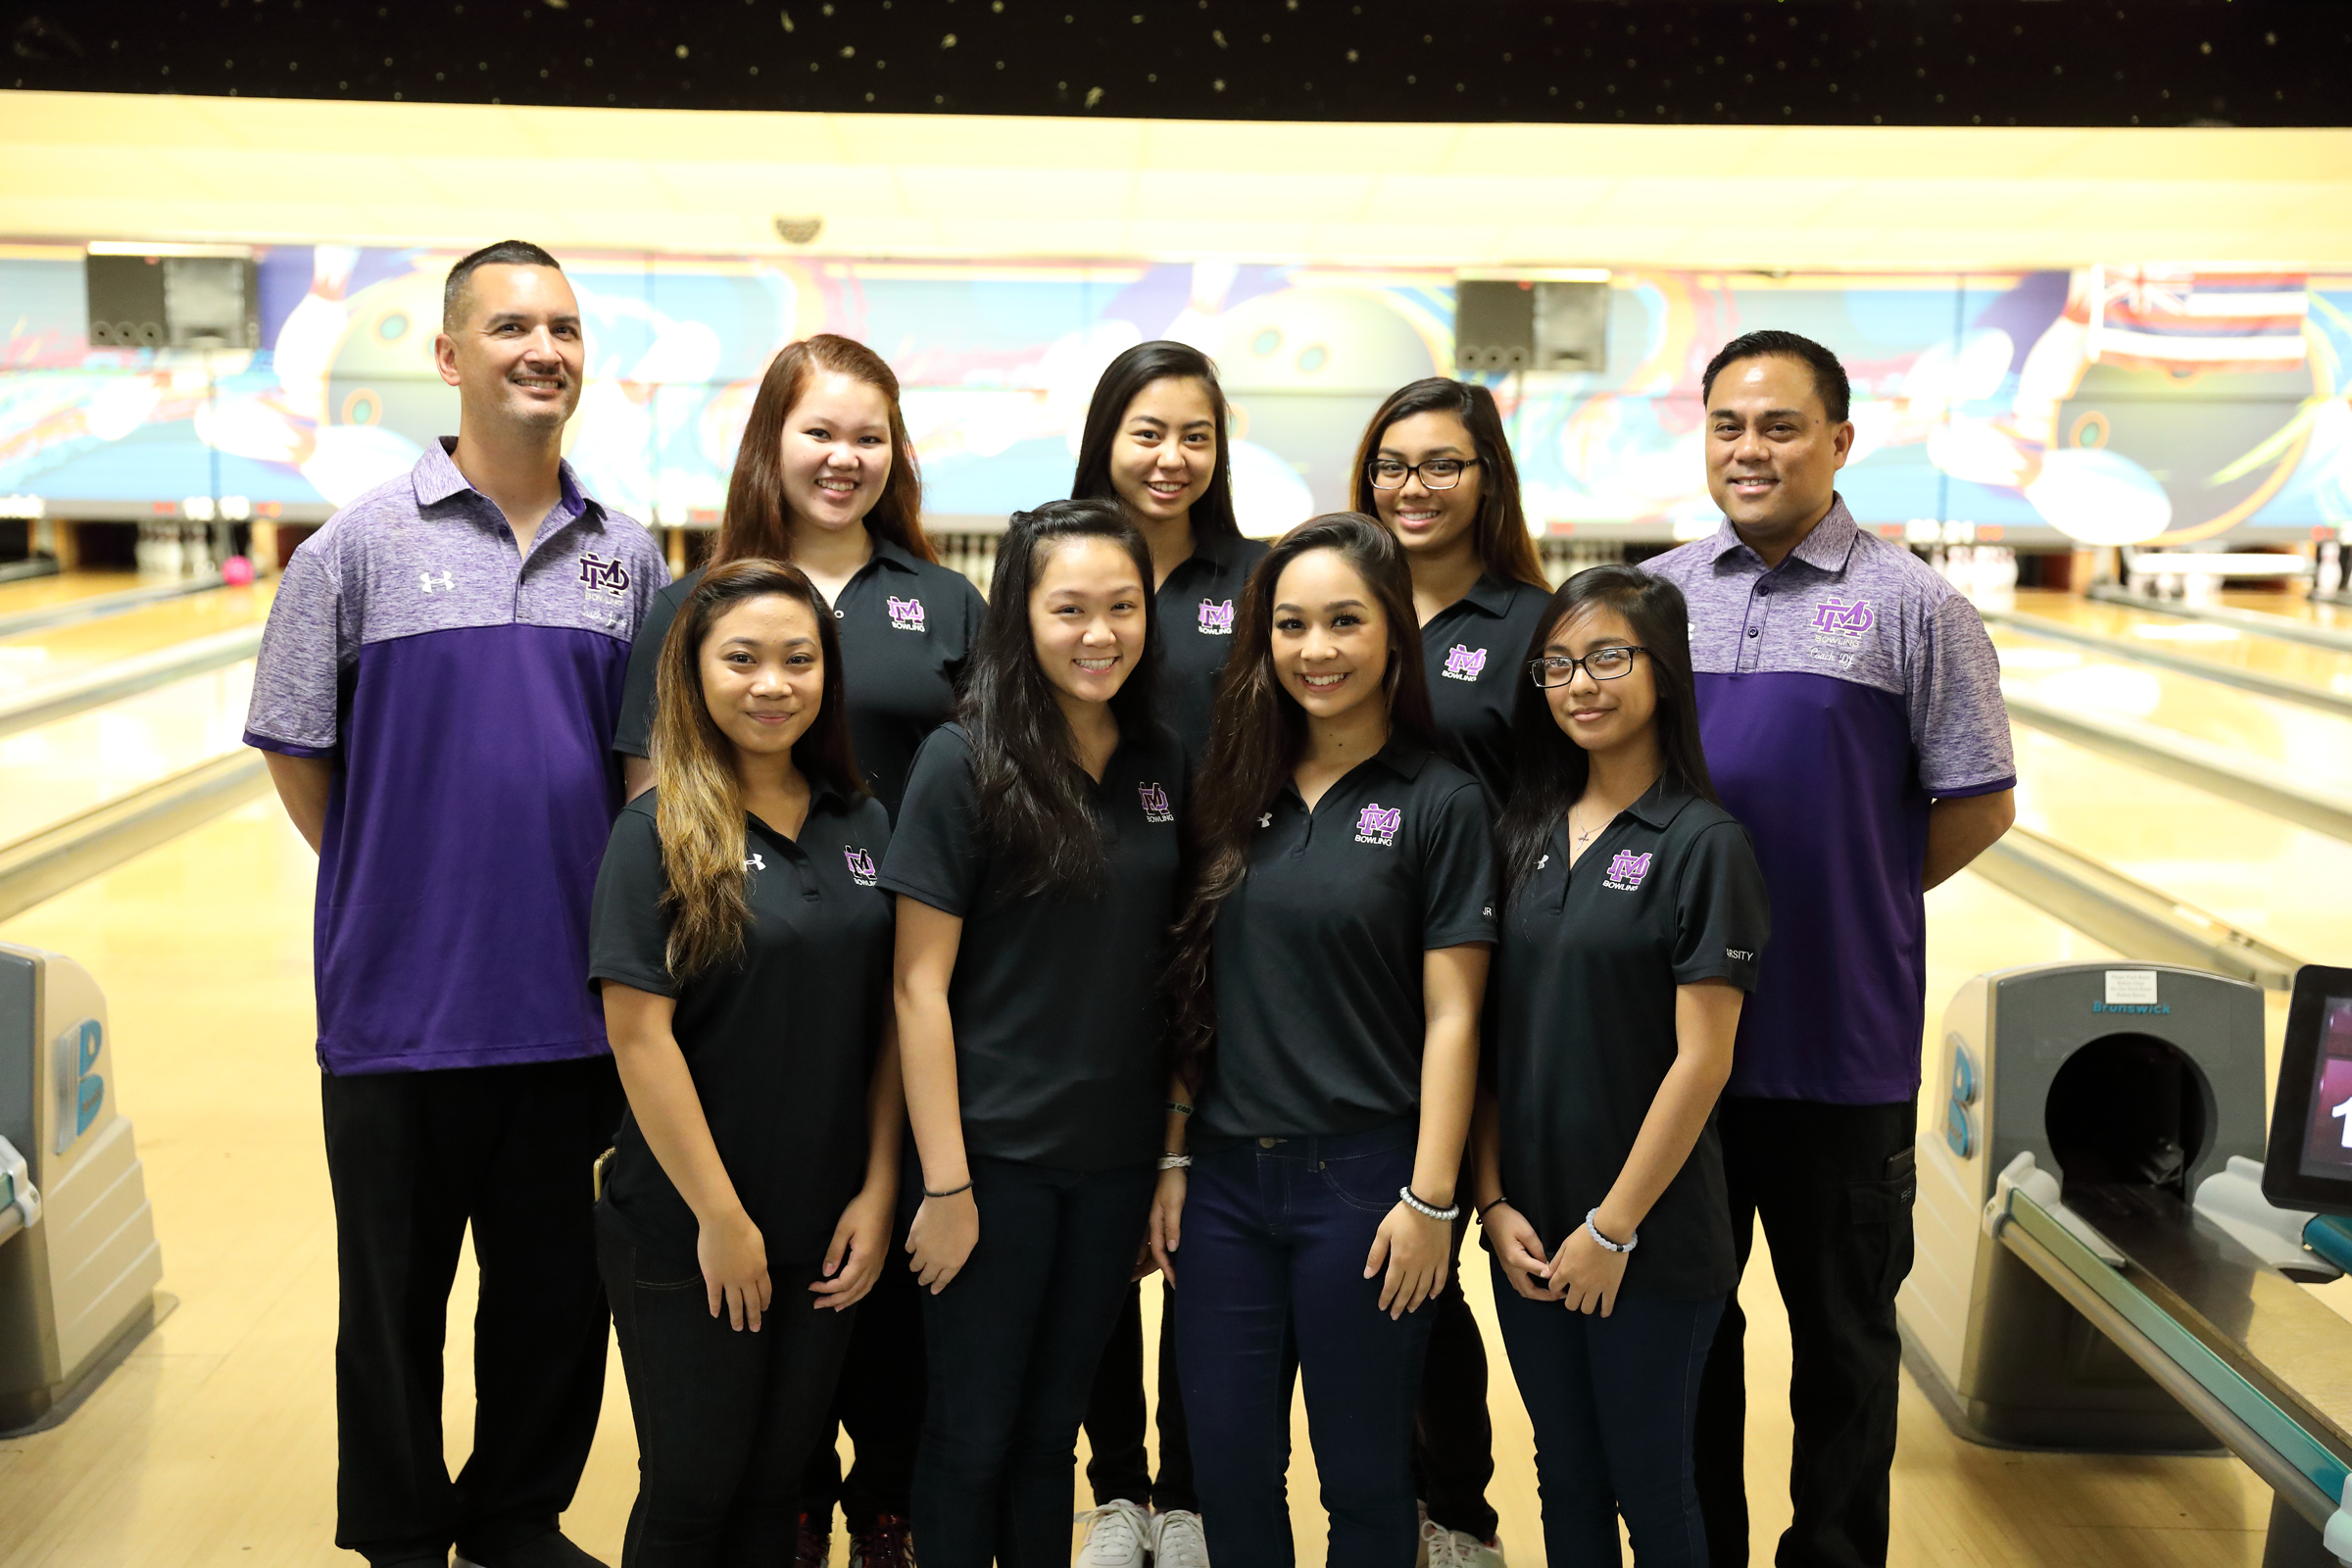 JV Girl's Team